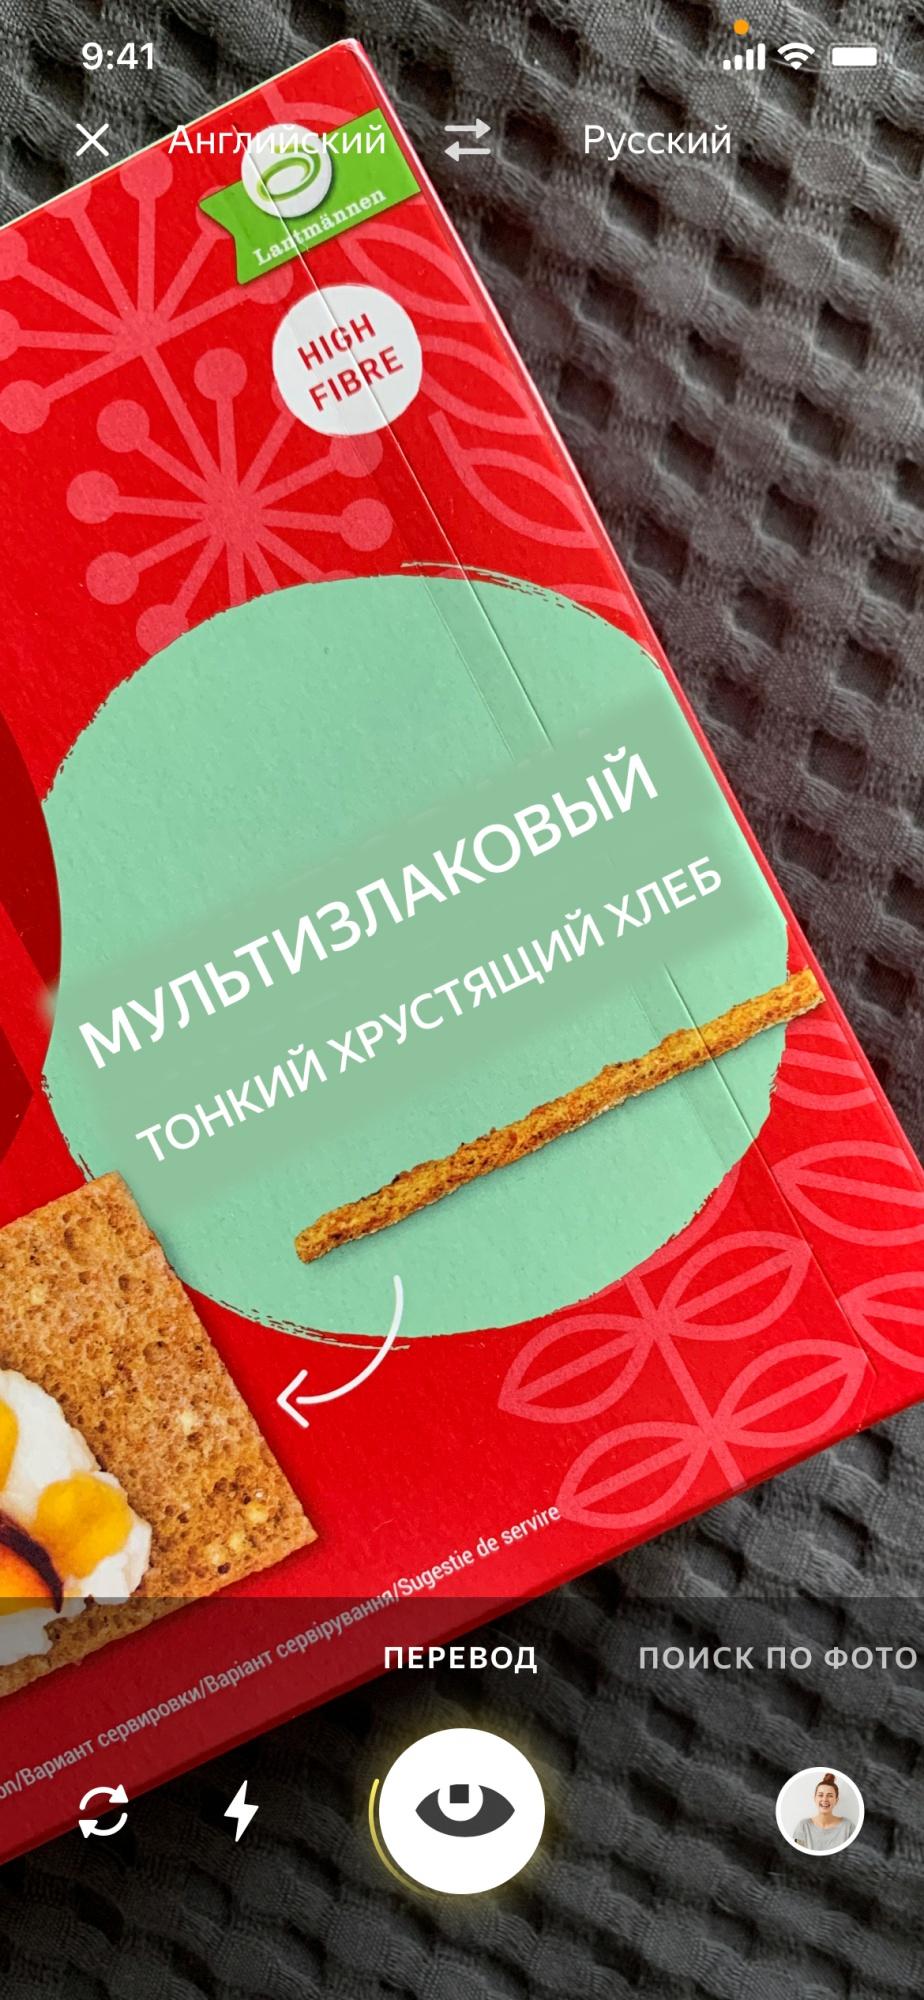 Яндекс запустил умную камеру в мобильном приложении